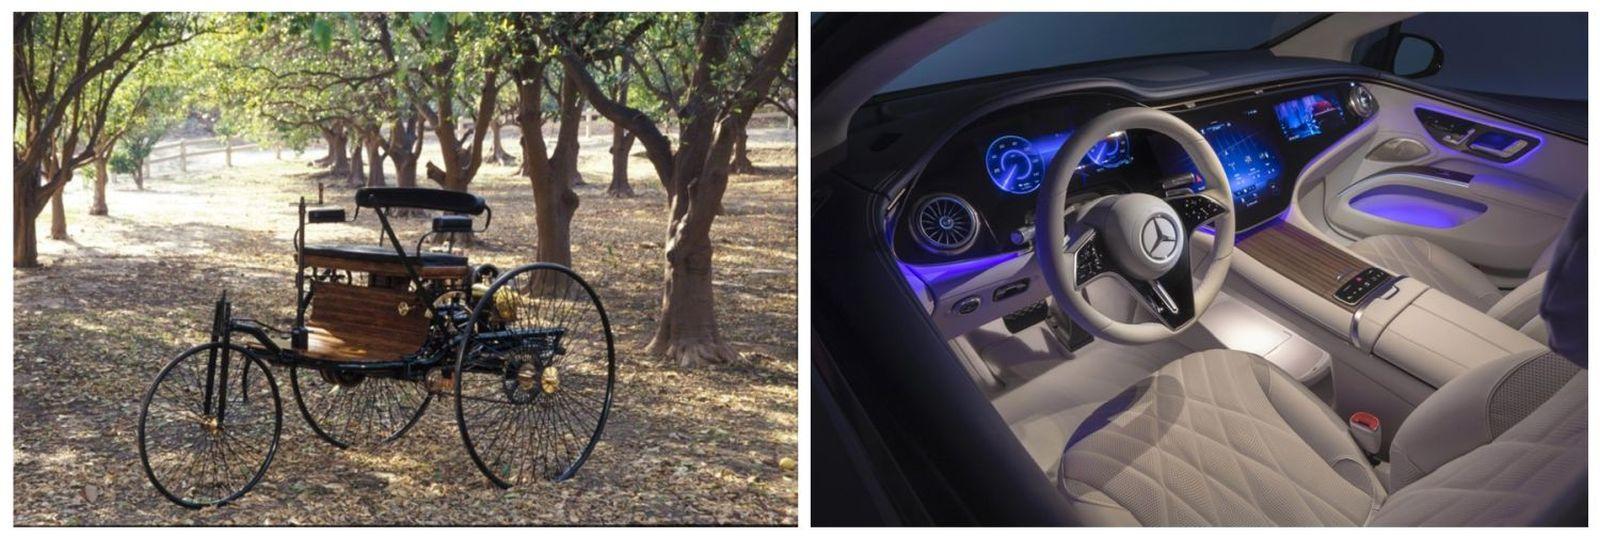 Prima mașină din lume și cel mai recent model anunțat de compania care a inventat automobilul